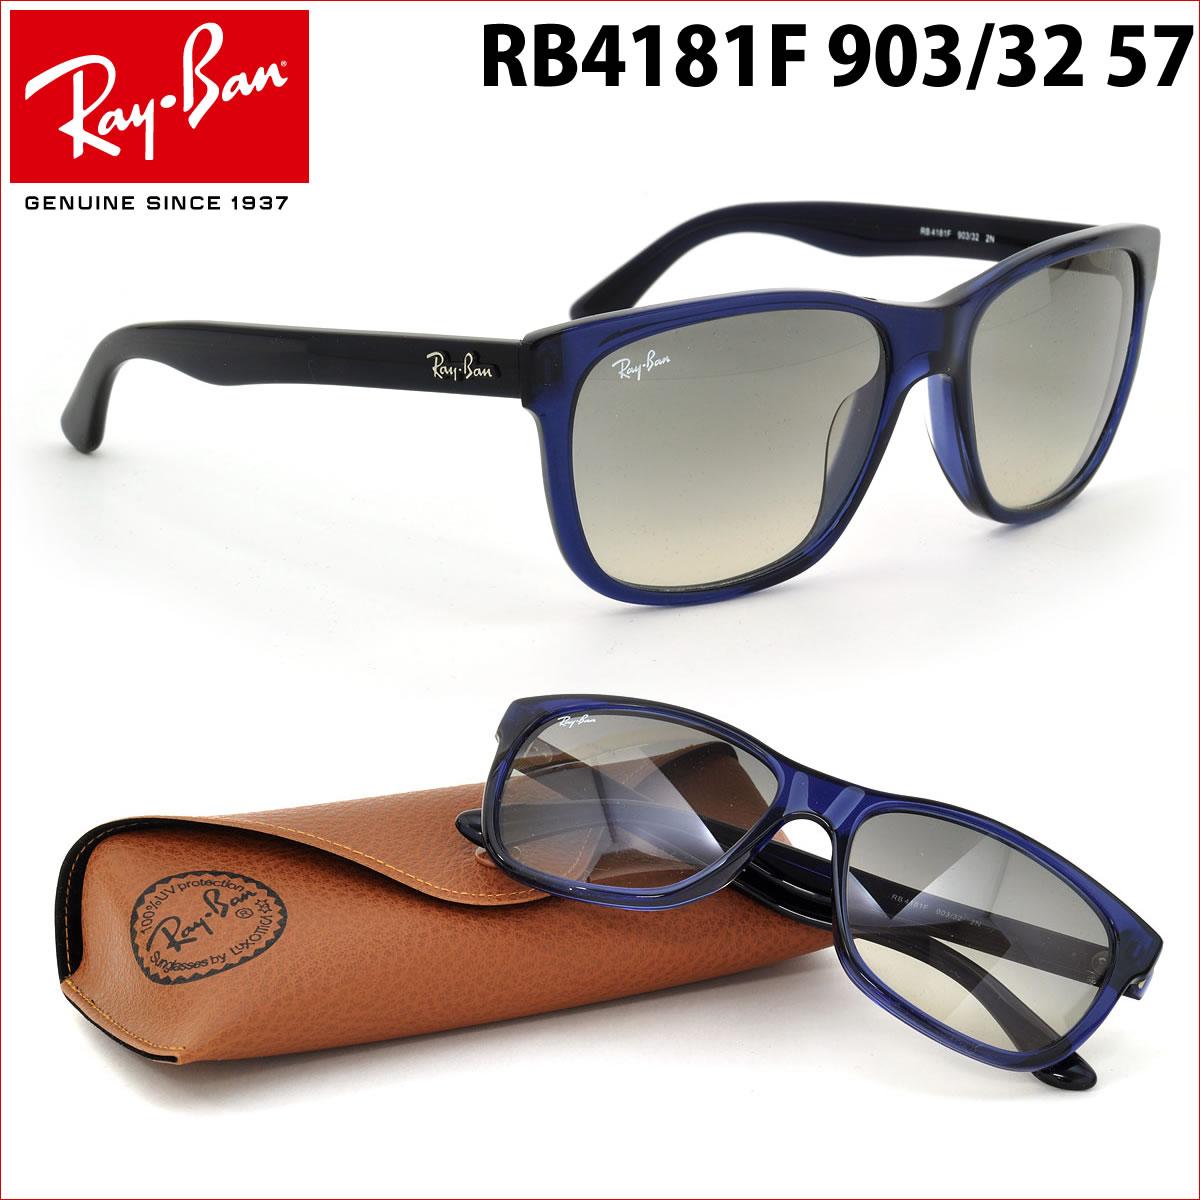 ポイント最大42倍!!お得なクーポンも !! レイバン サングラス Ray-Ban RB4181F 903/32 57サイズレイバン RAYBAN 90332 WAYFARER ウェイファーラー フルフィット メンズ レディース